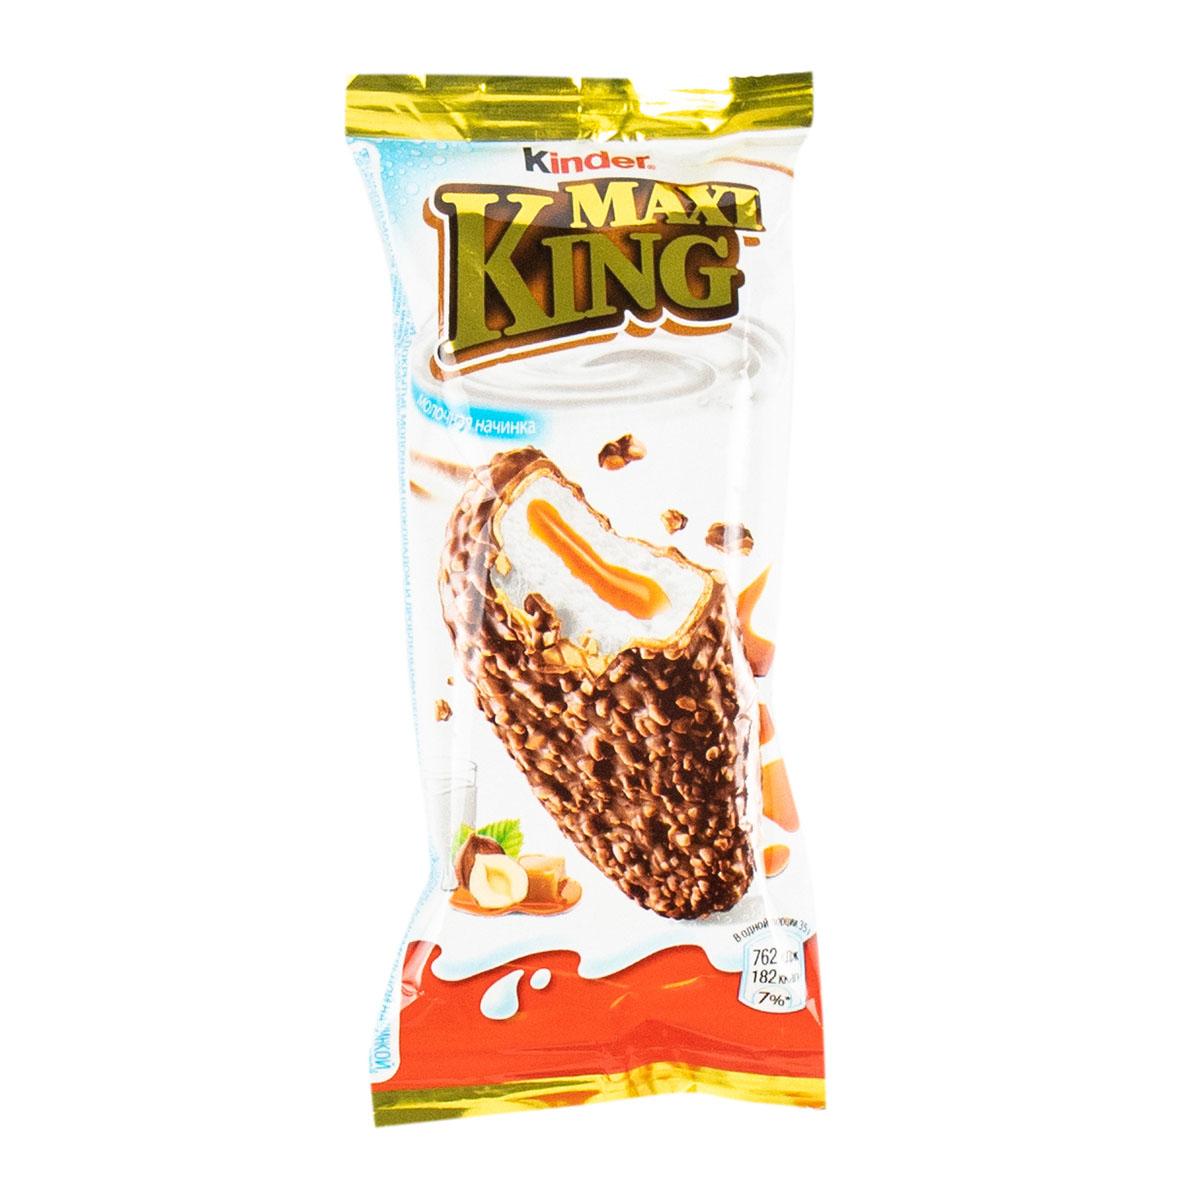 Kinder Maxi King орехи-карамель